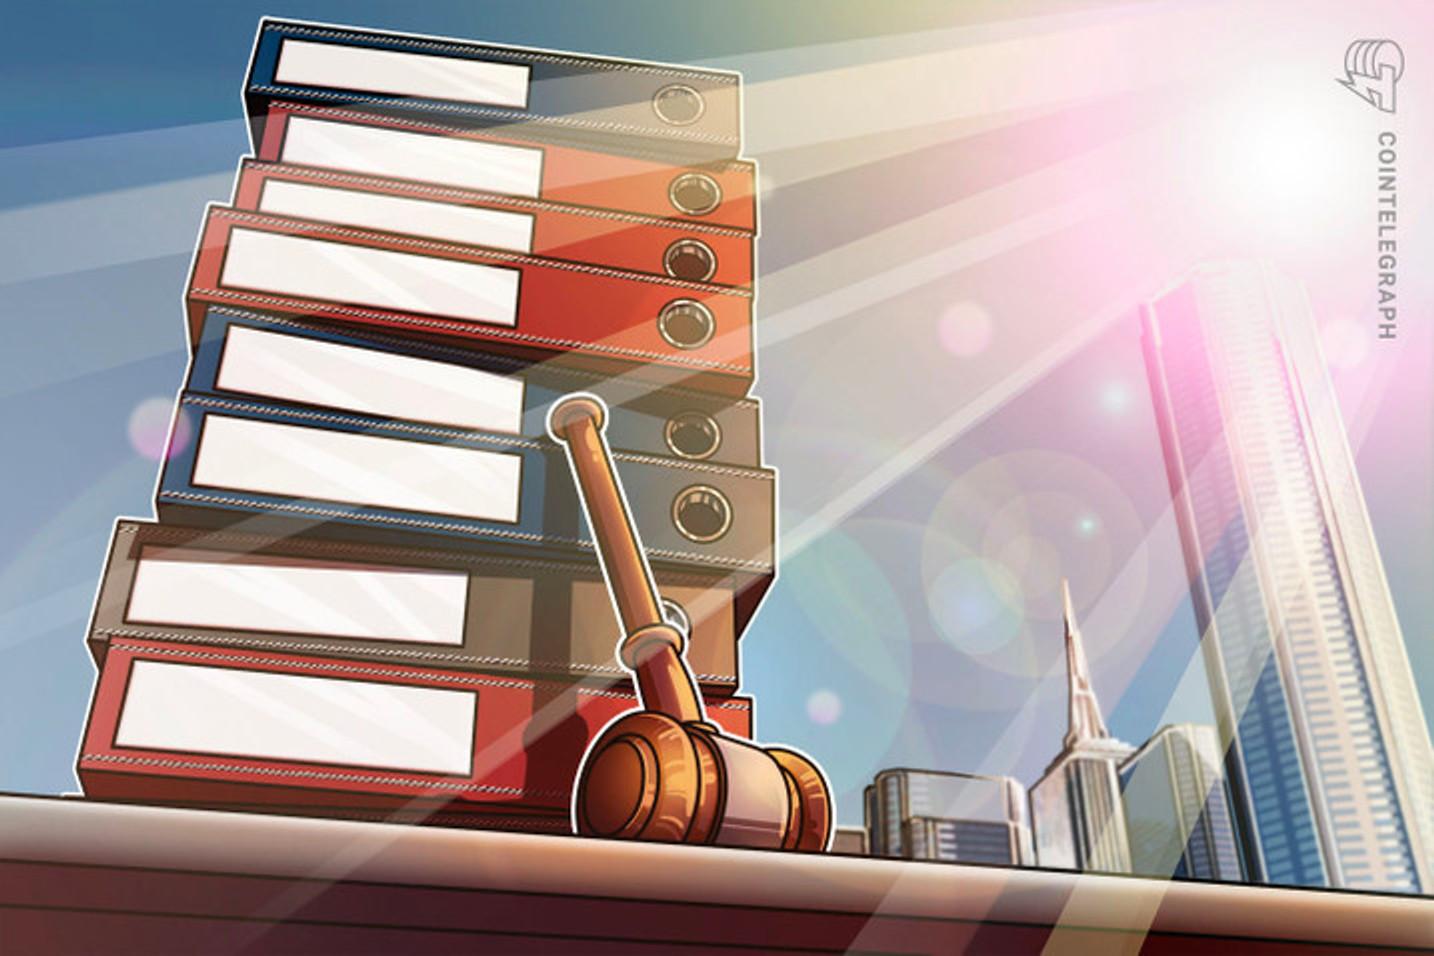 EXW-Wallet / Vivaexchange: BaFin warnt vor unerlaubten Krypto-Dienstleistungen